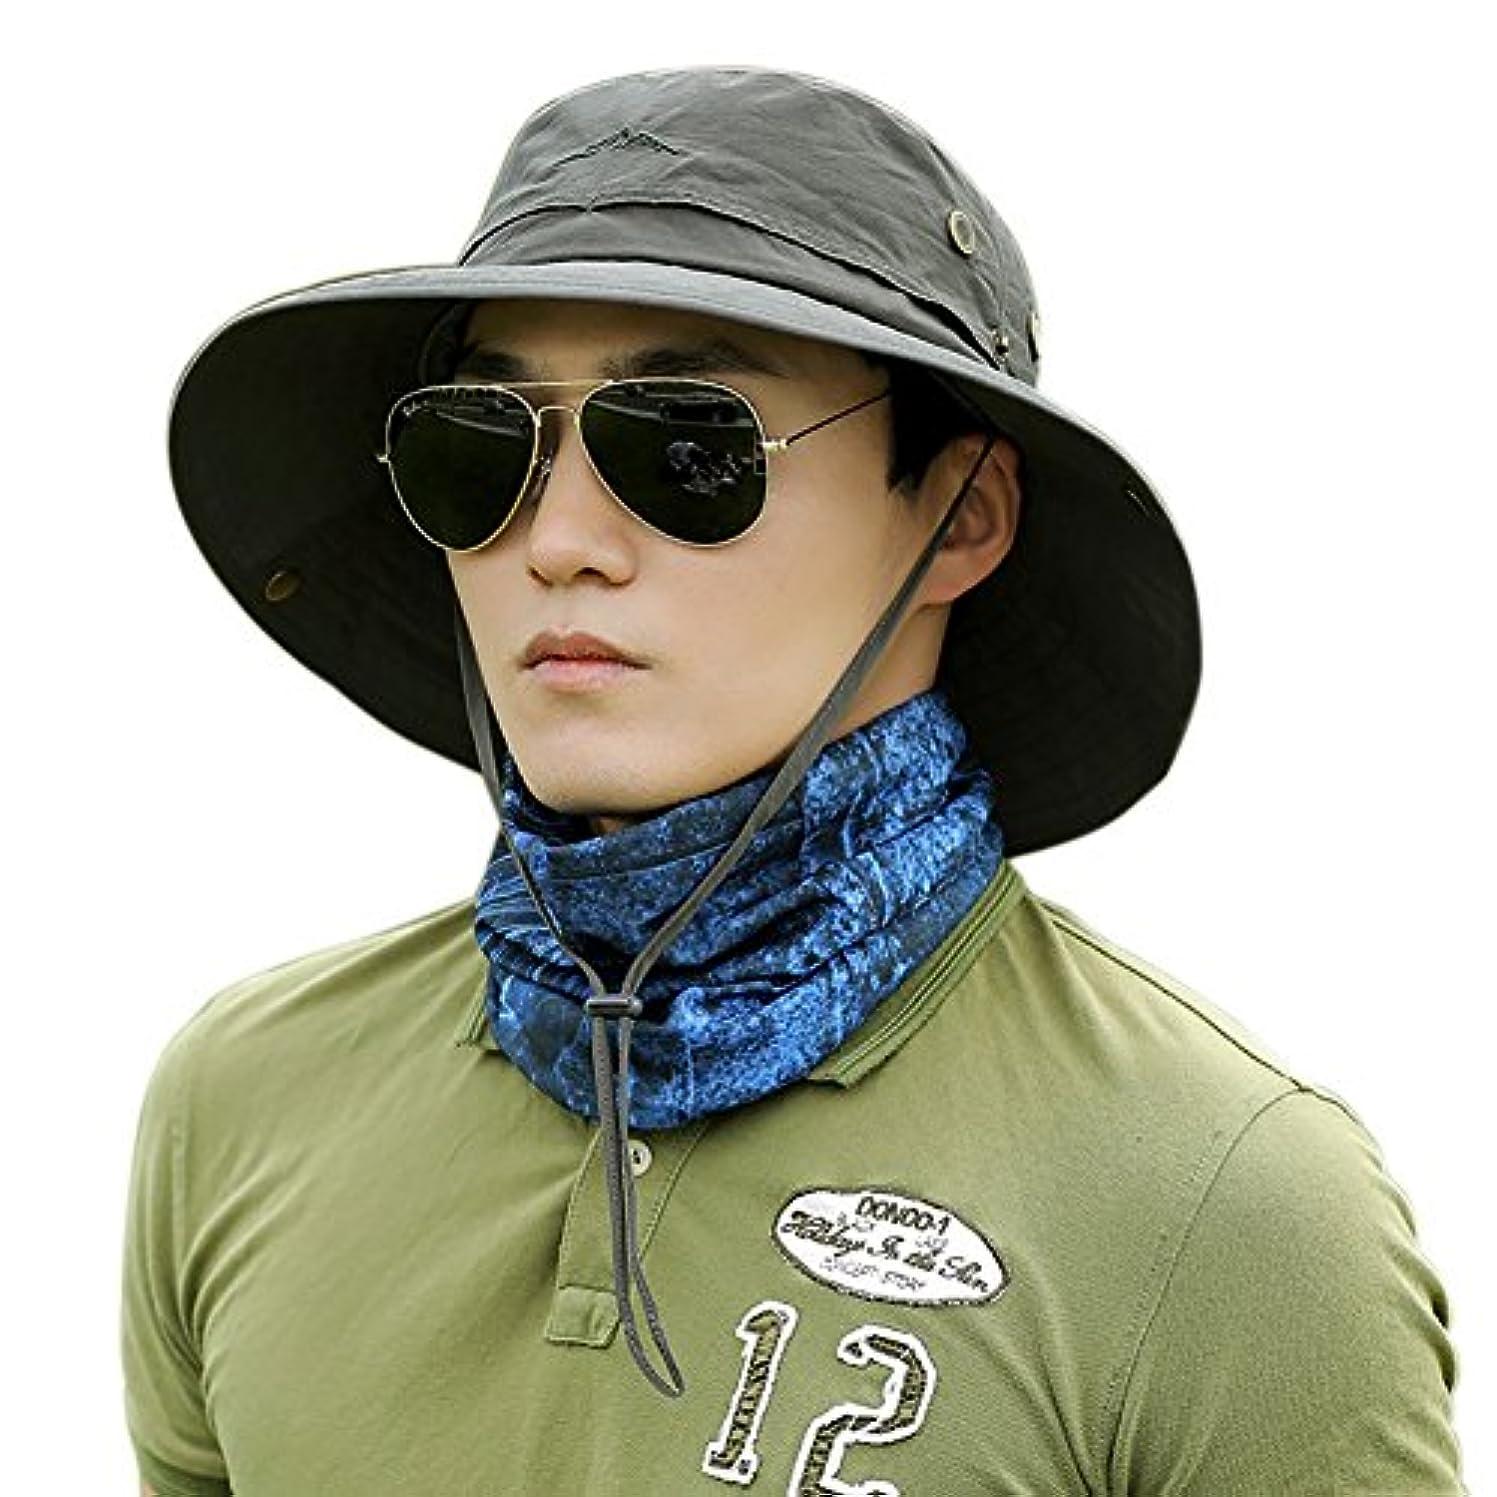 防腐剤補う配るWodery つば広 折りたたみ 日除け キャンプ 帽子 サファリハット UVカット 率 99.9% 以上 UPF50+ サーフハット ひも付き ユニセックス アウトドア ハイキング 登山 釣り フィッシング ハット